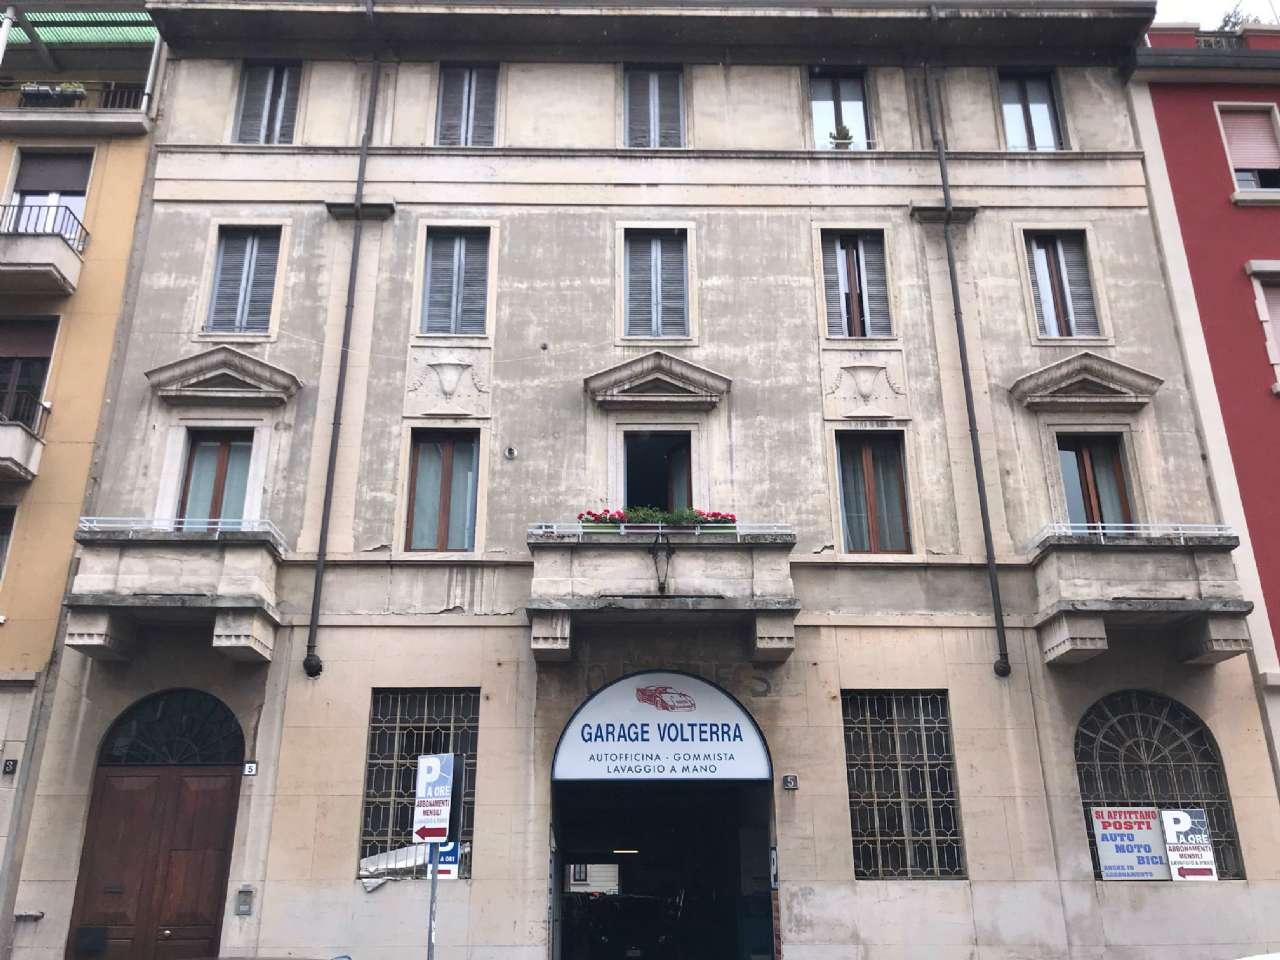 Negozio-locale in Vendita a Milano 08 Vercelli / Magenta / Cadorna / Washington: 3 locali, 178 mq